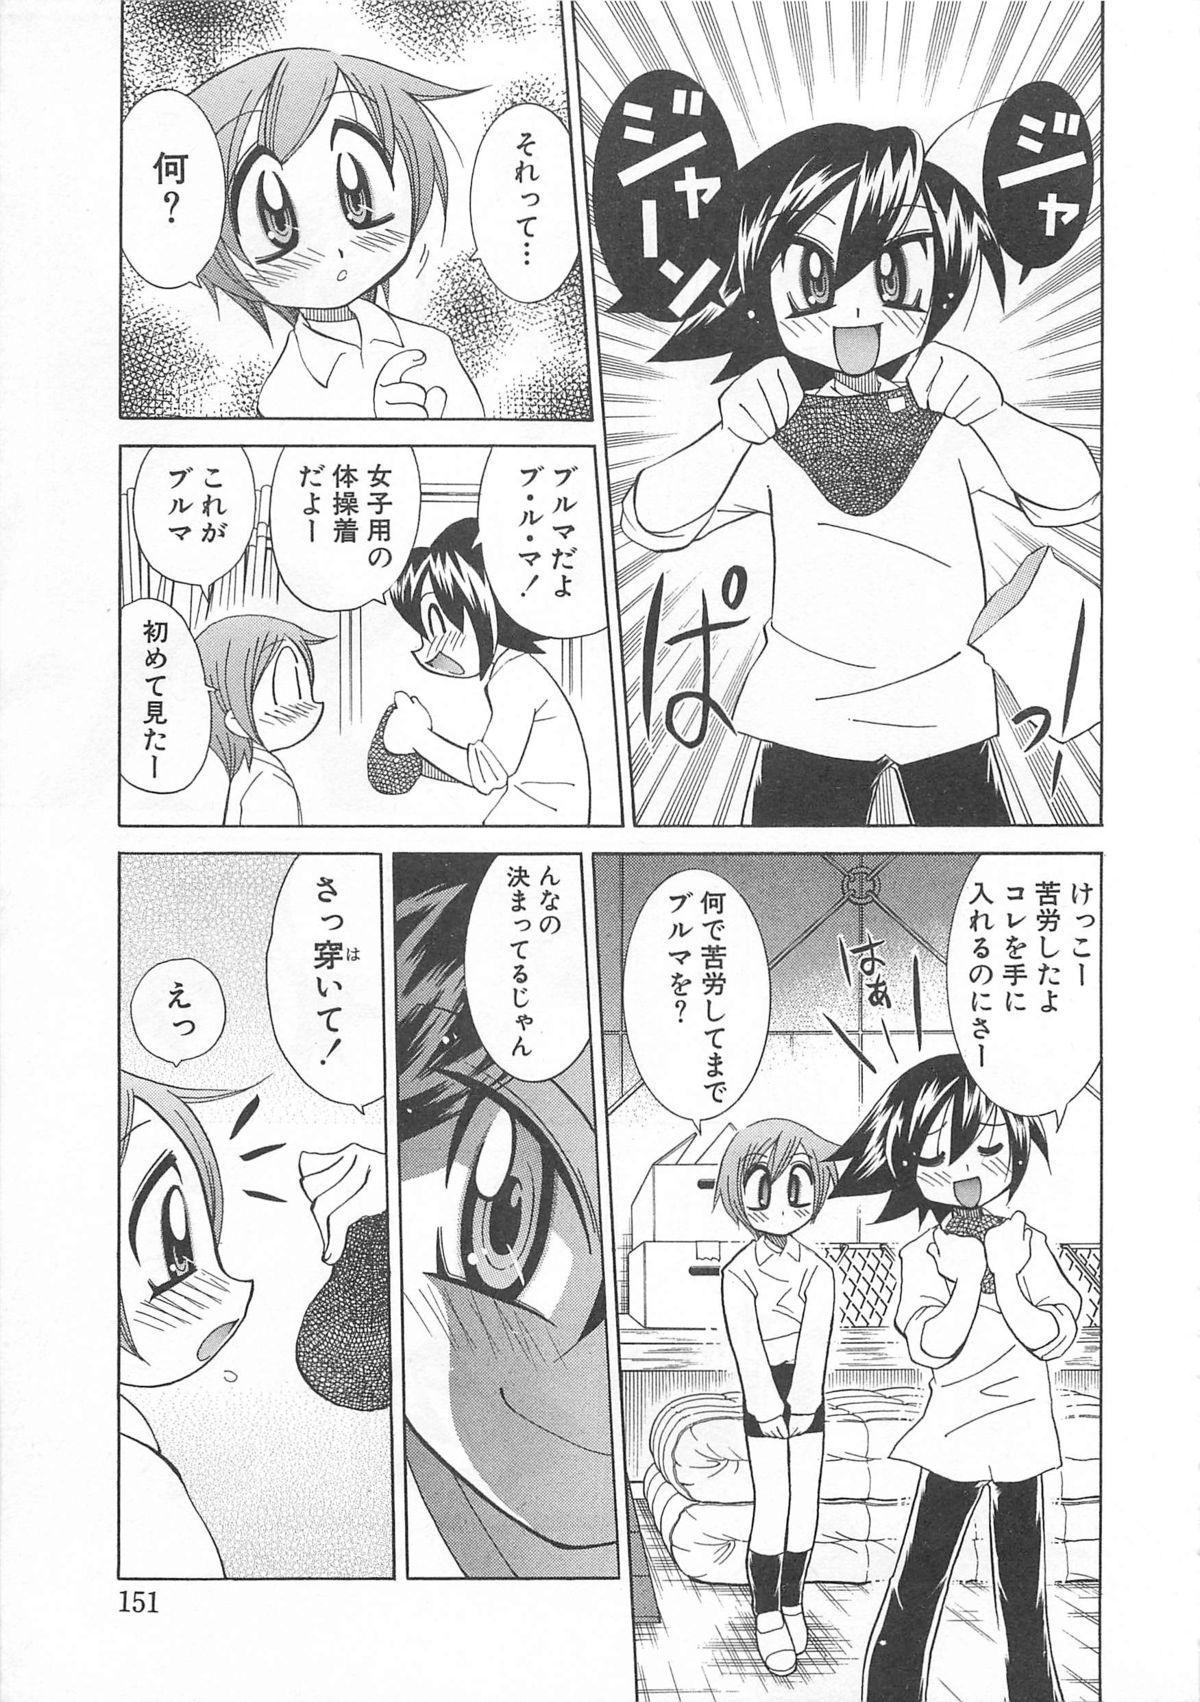 Otokonoko HEAVEN Vol. 01 Meganekko 153